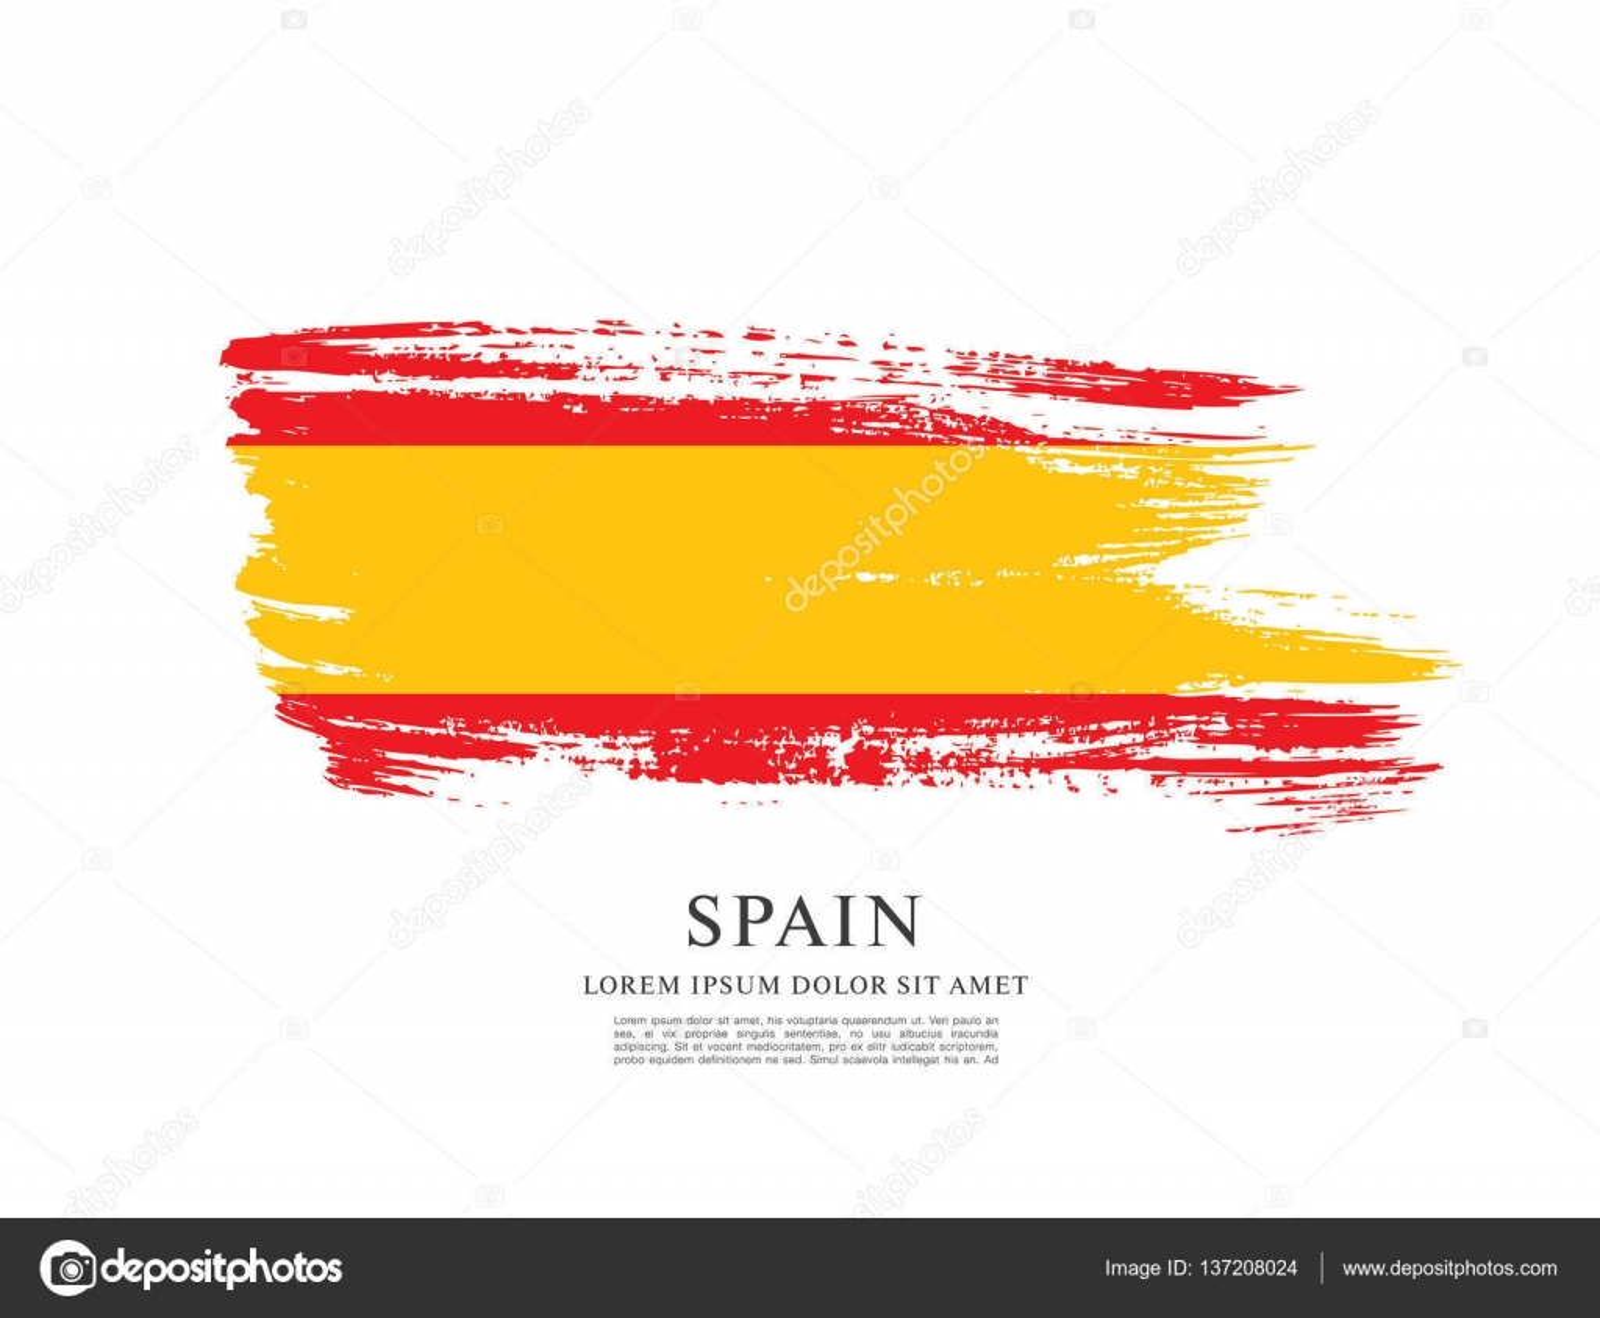 spanish flag background u2014 stock vector igor vkv 137208024